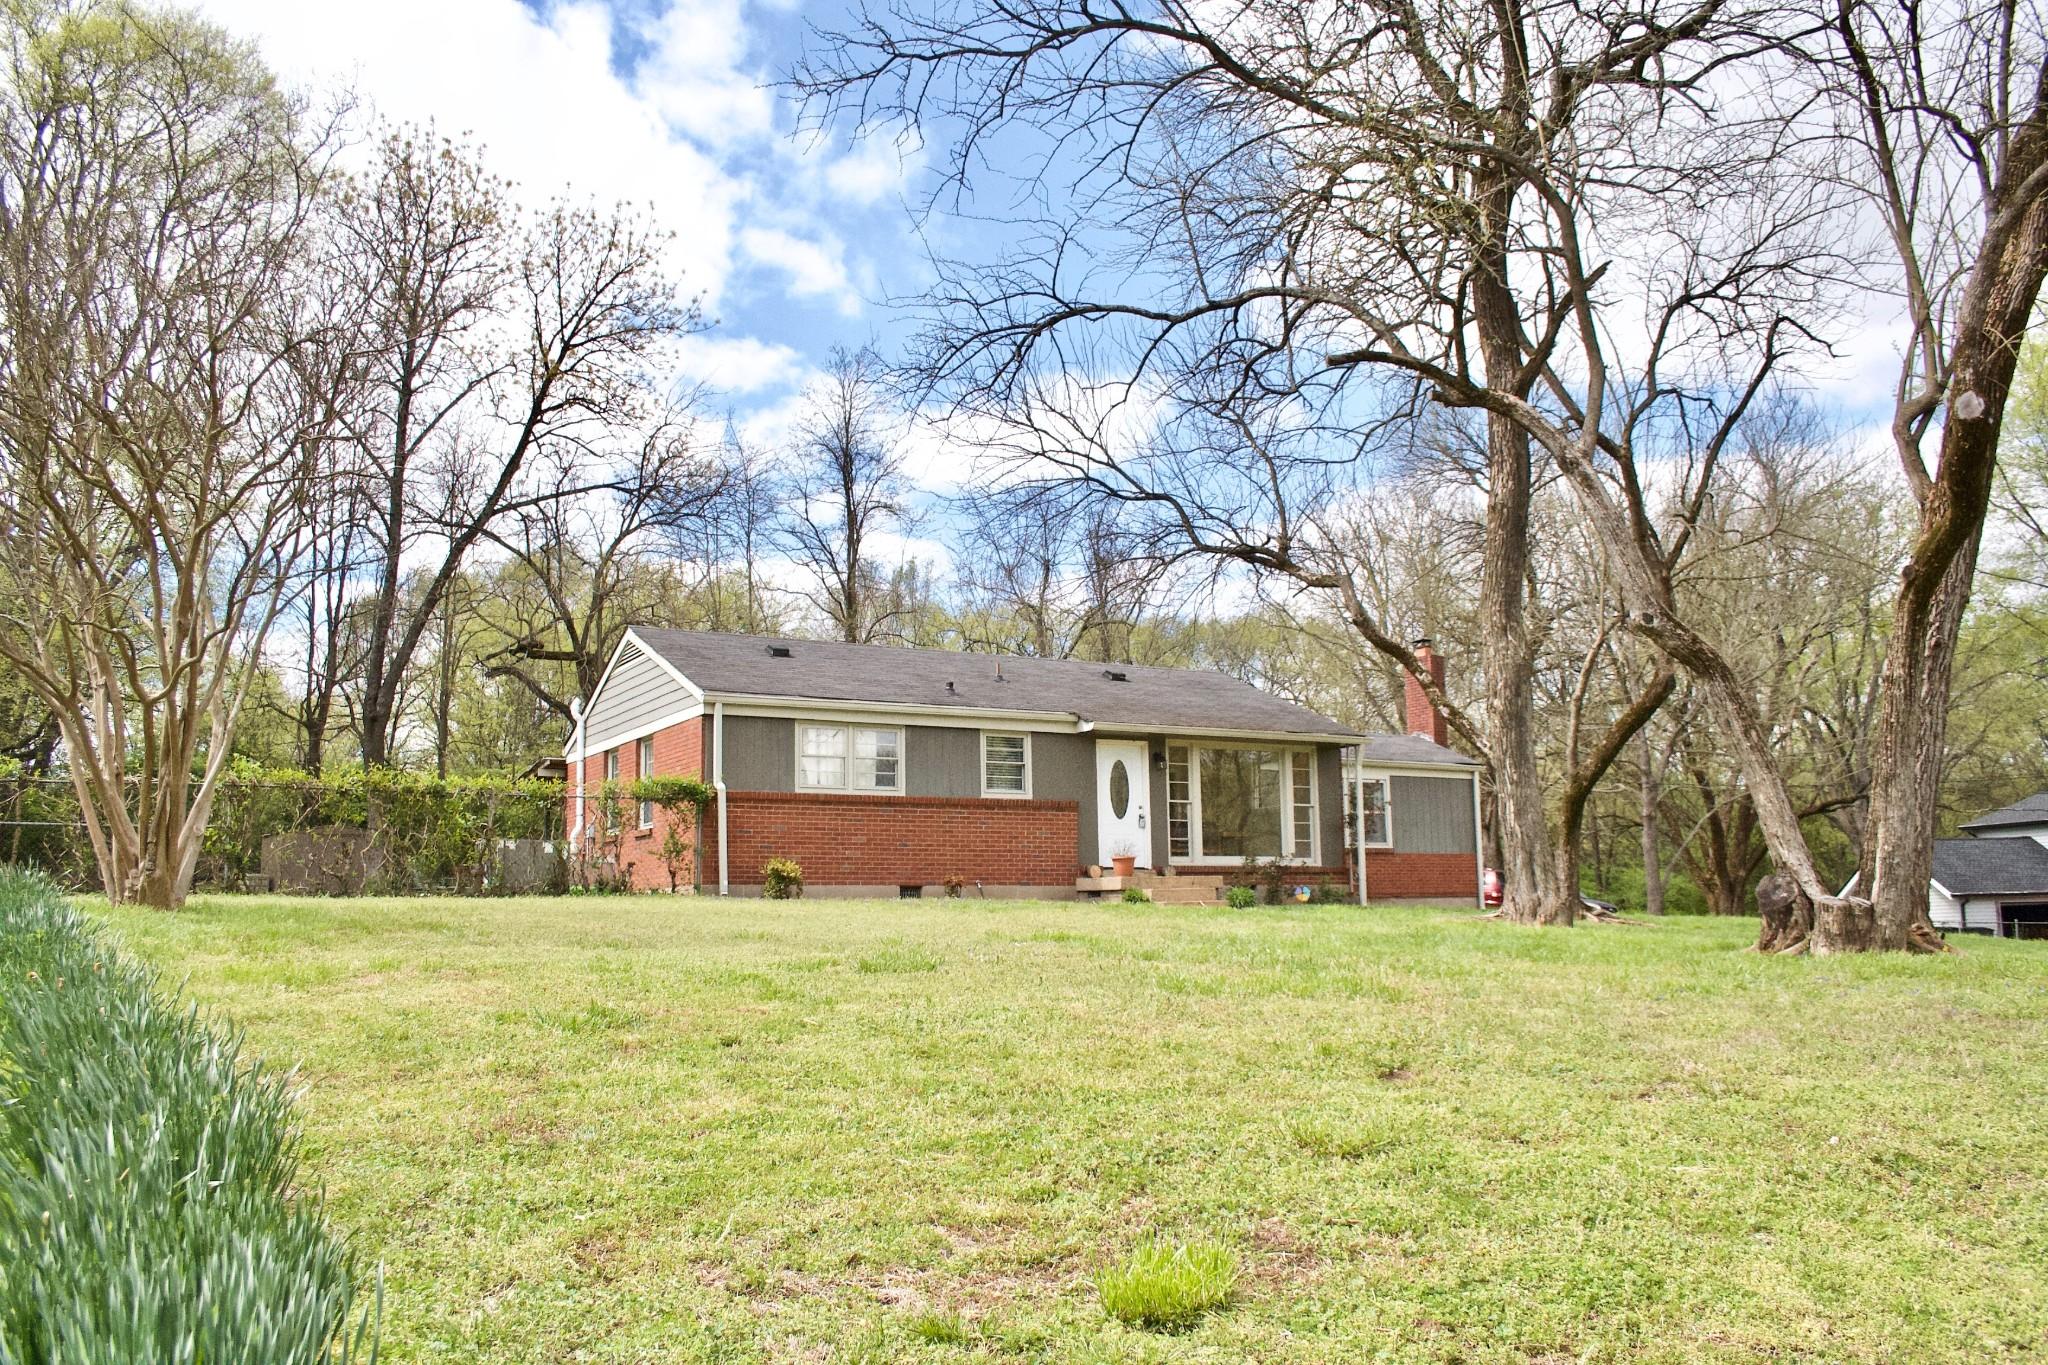 3805 Hilltop Ave, Nashville, TN 37216 - Nashville, TN real estate listing